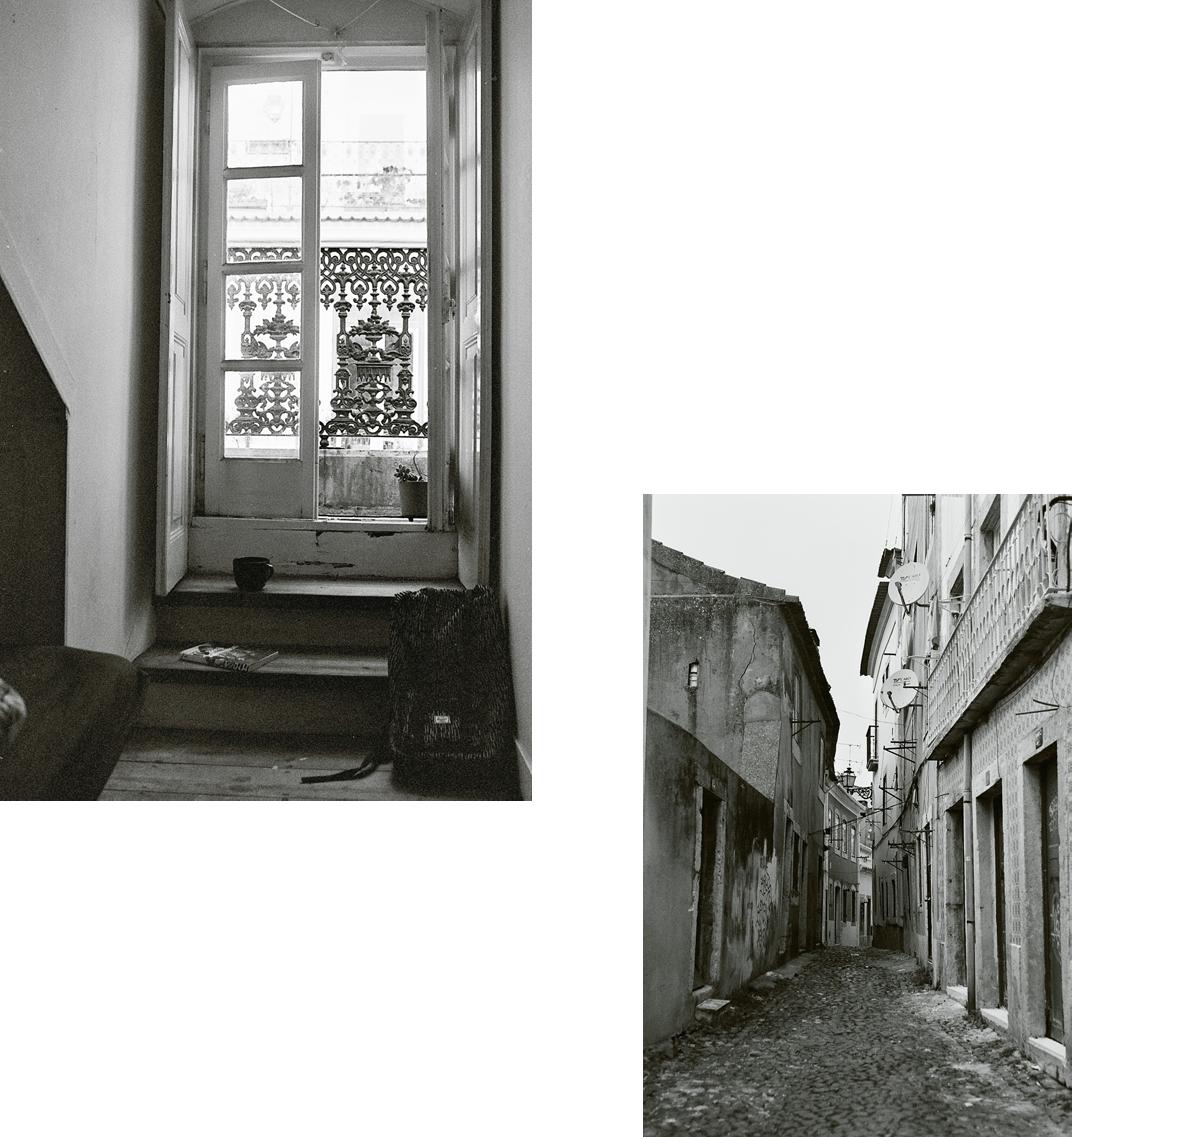 FRAGMENTS_ Portugal - by Hannelore Veelaert via au pays des merveilles-4